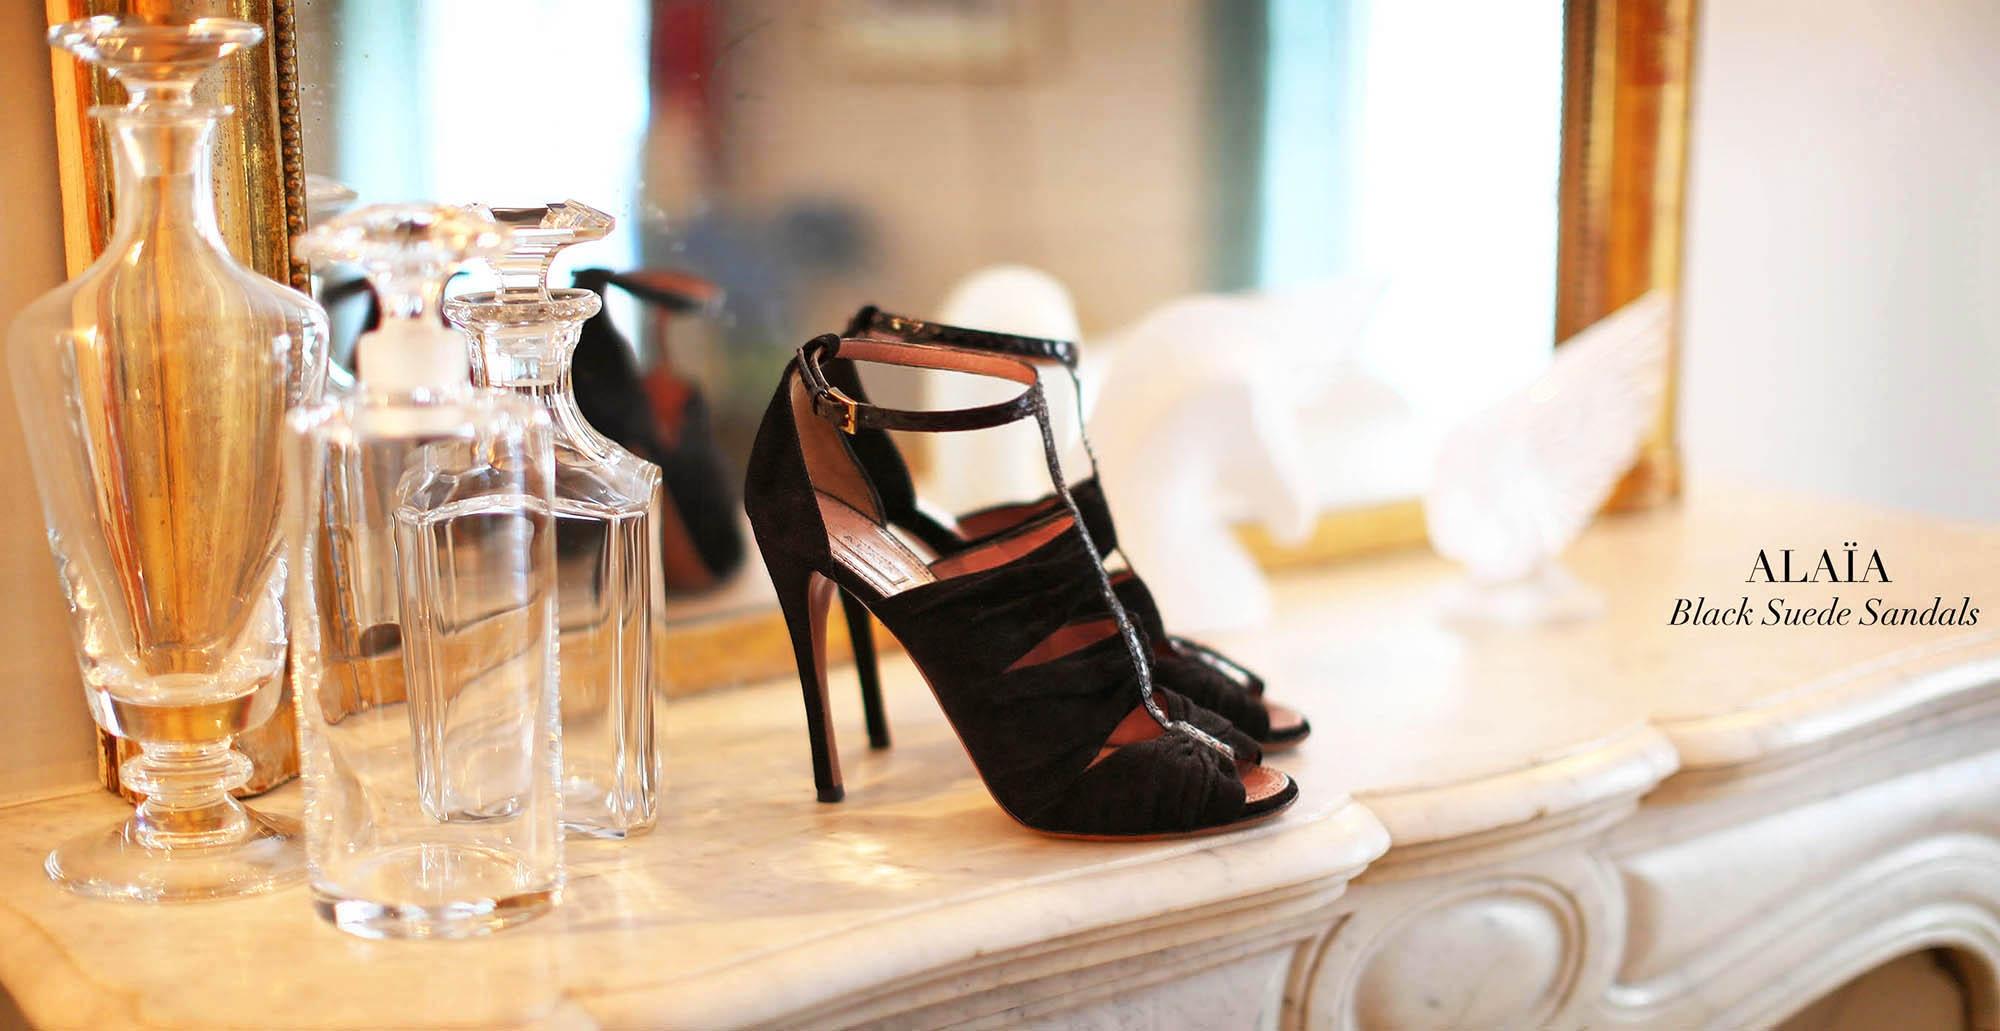 cc2fce7ae767 AZZEDINE ALAIA Sandales à talon en suède et python noir Px boutique 1100€  Taille 40